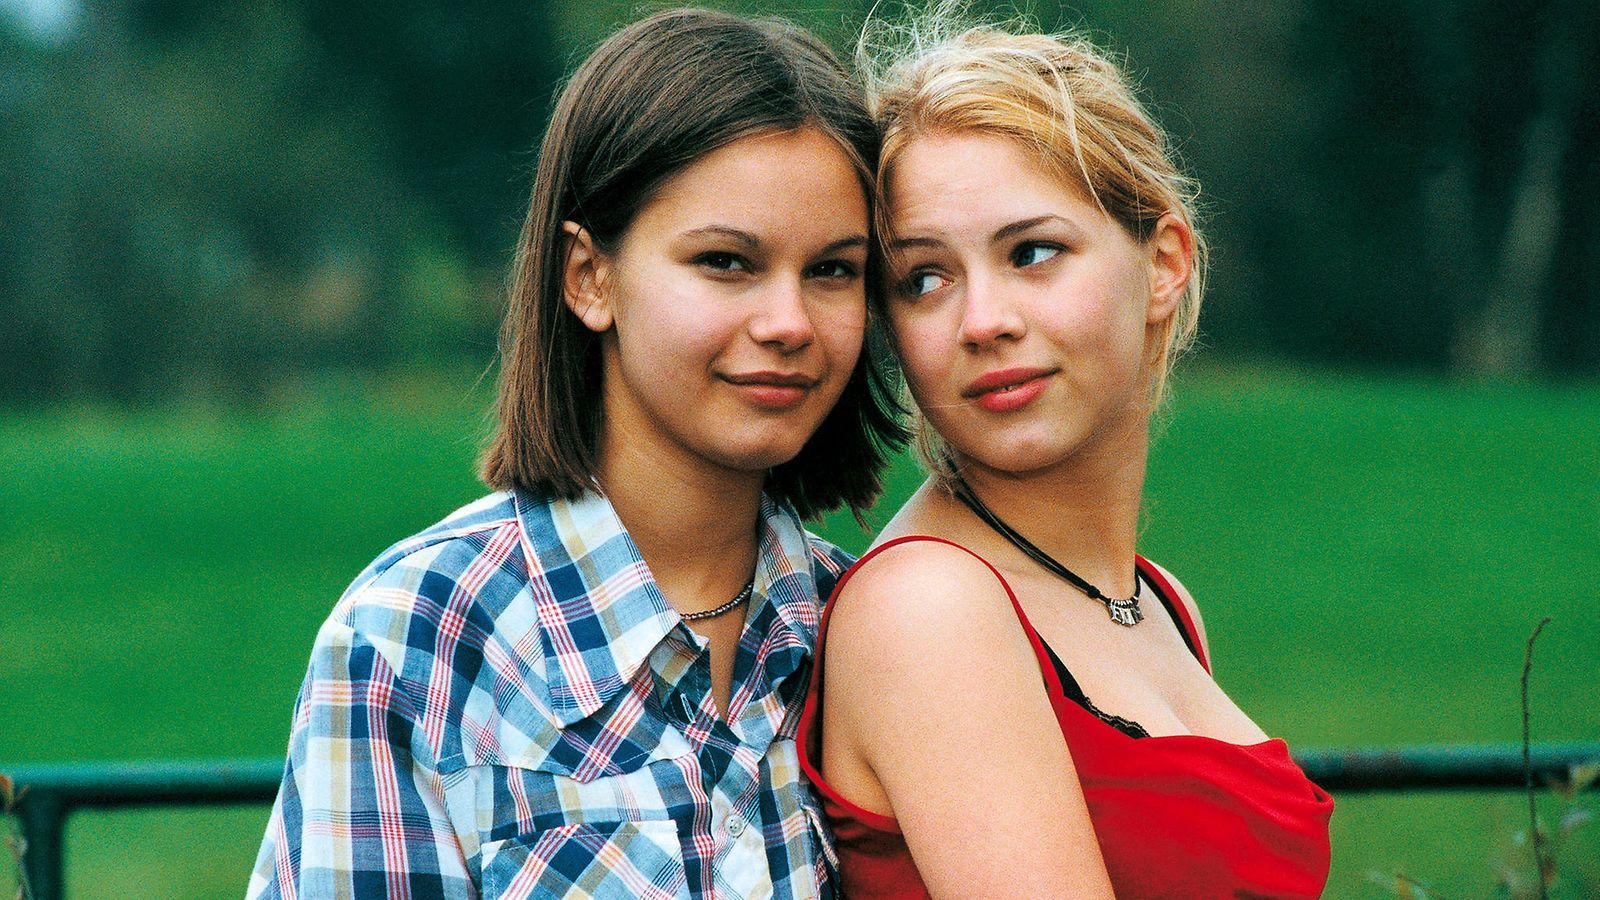 Русские лесбиянки на русском, Русские лесбиянки с разговорами лесбиянки - смотреть 18 фотография